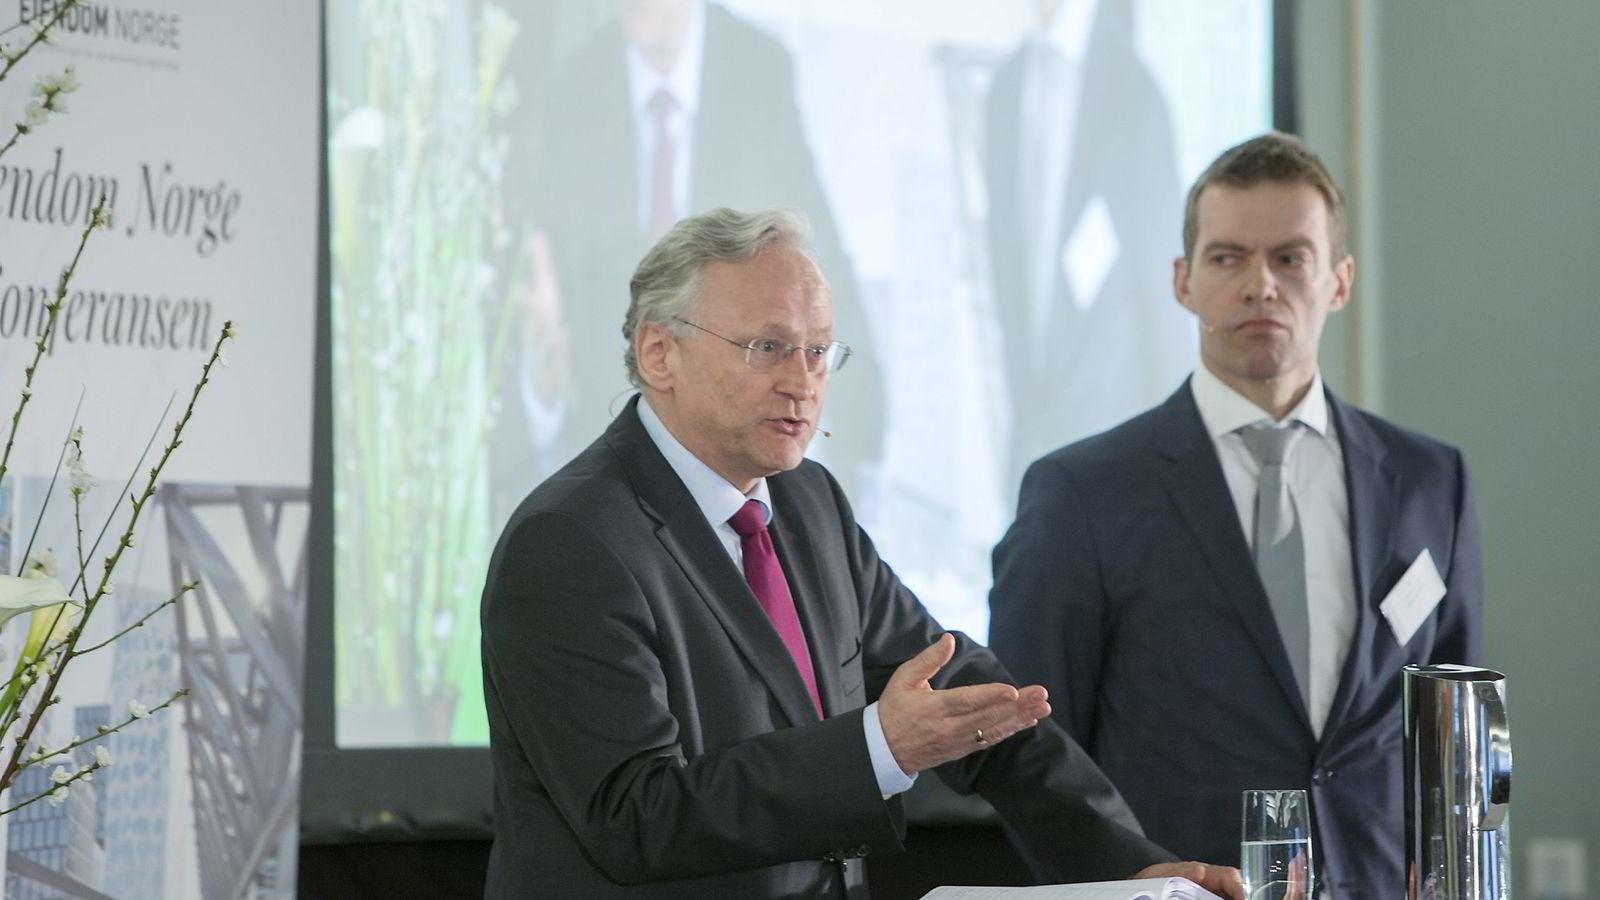 Tidligere sentralbanksjef Svein Gjedrem legger frem sine syn på boligmarkedet og den norske økonomien under Eiendom Norges boligkonferanse. I balgrunnen står BI-professor Erling Røed Larsen.